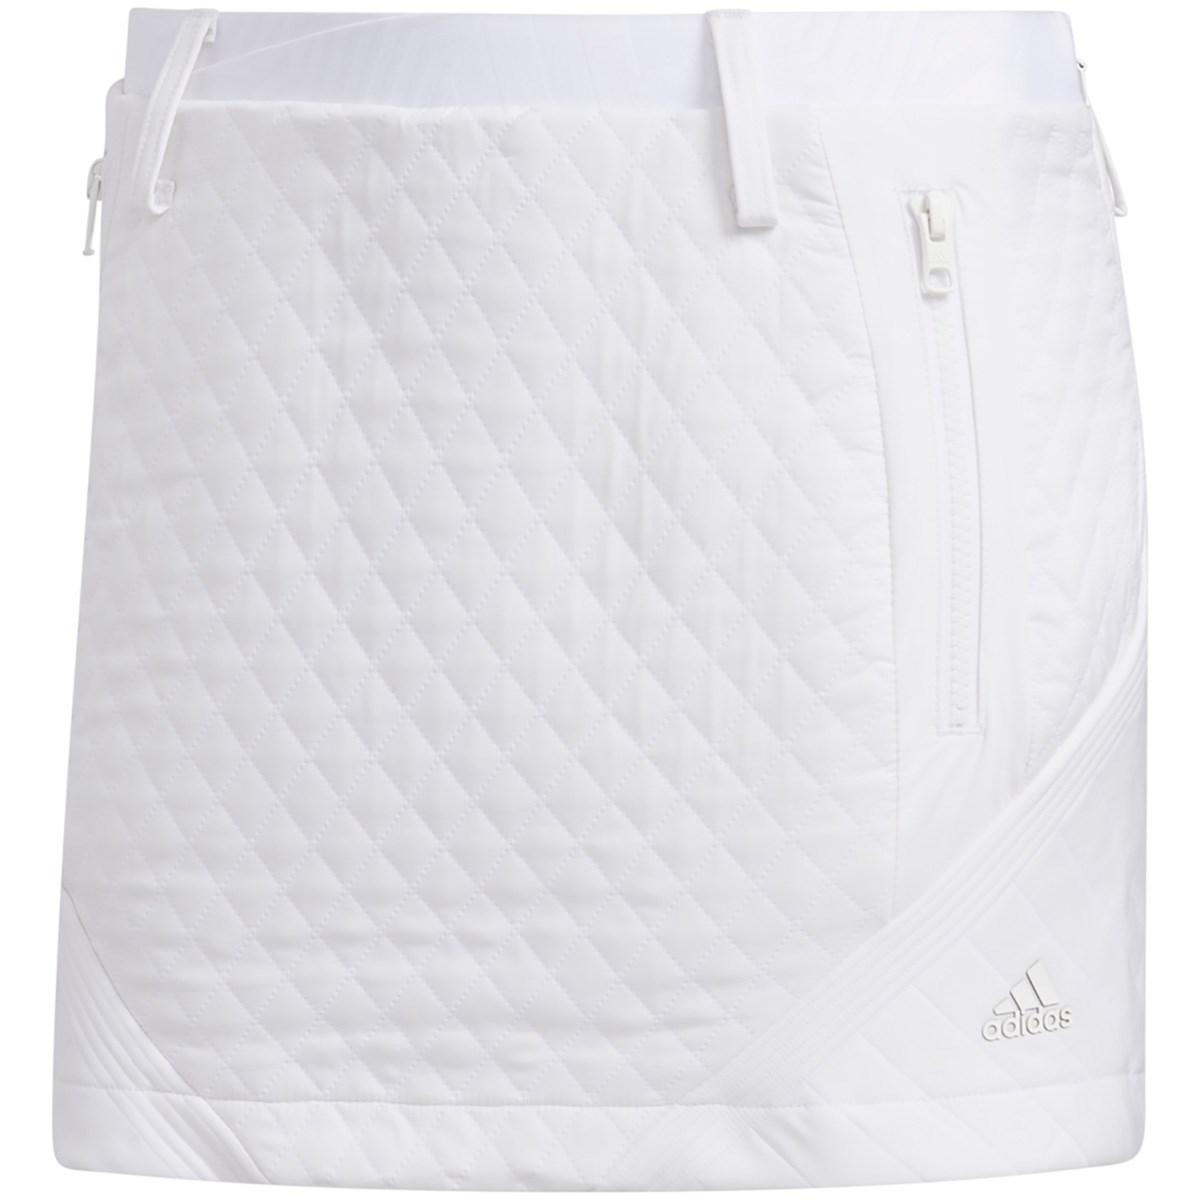 アディダス(adidas) スポーツキルティング ストレッチスコートレディス